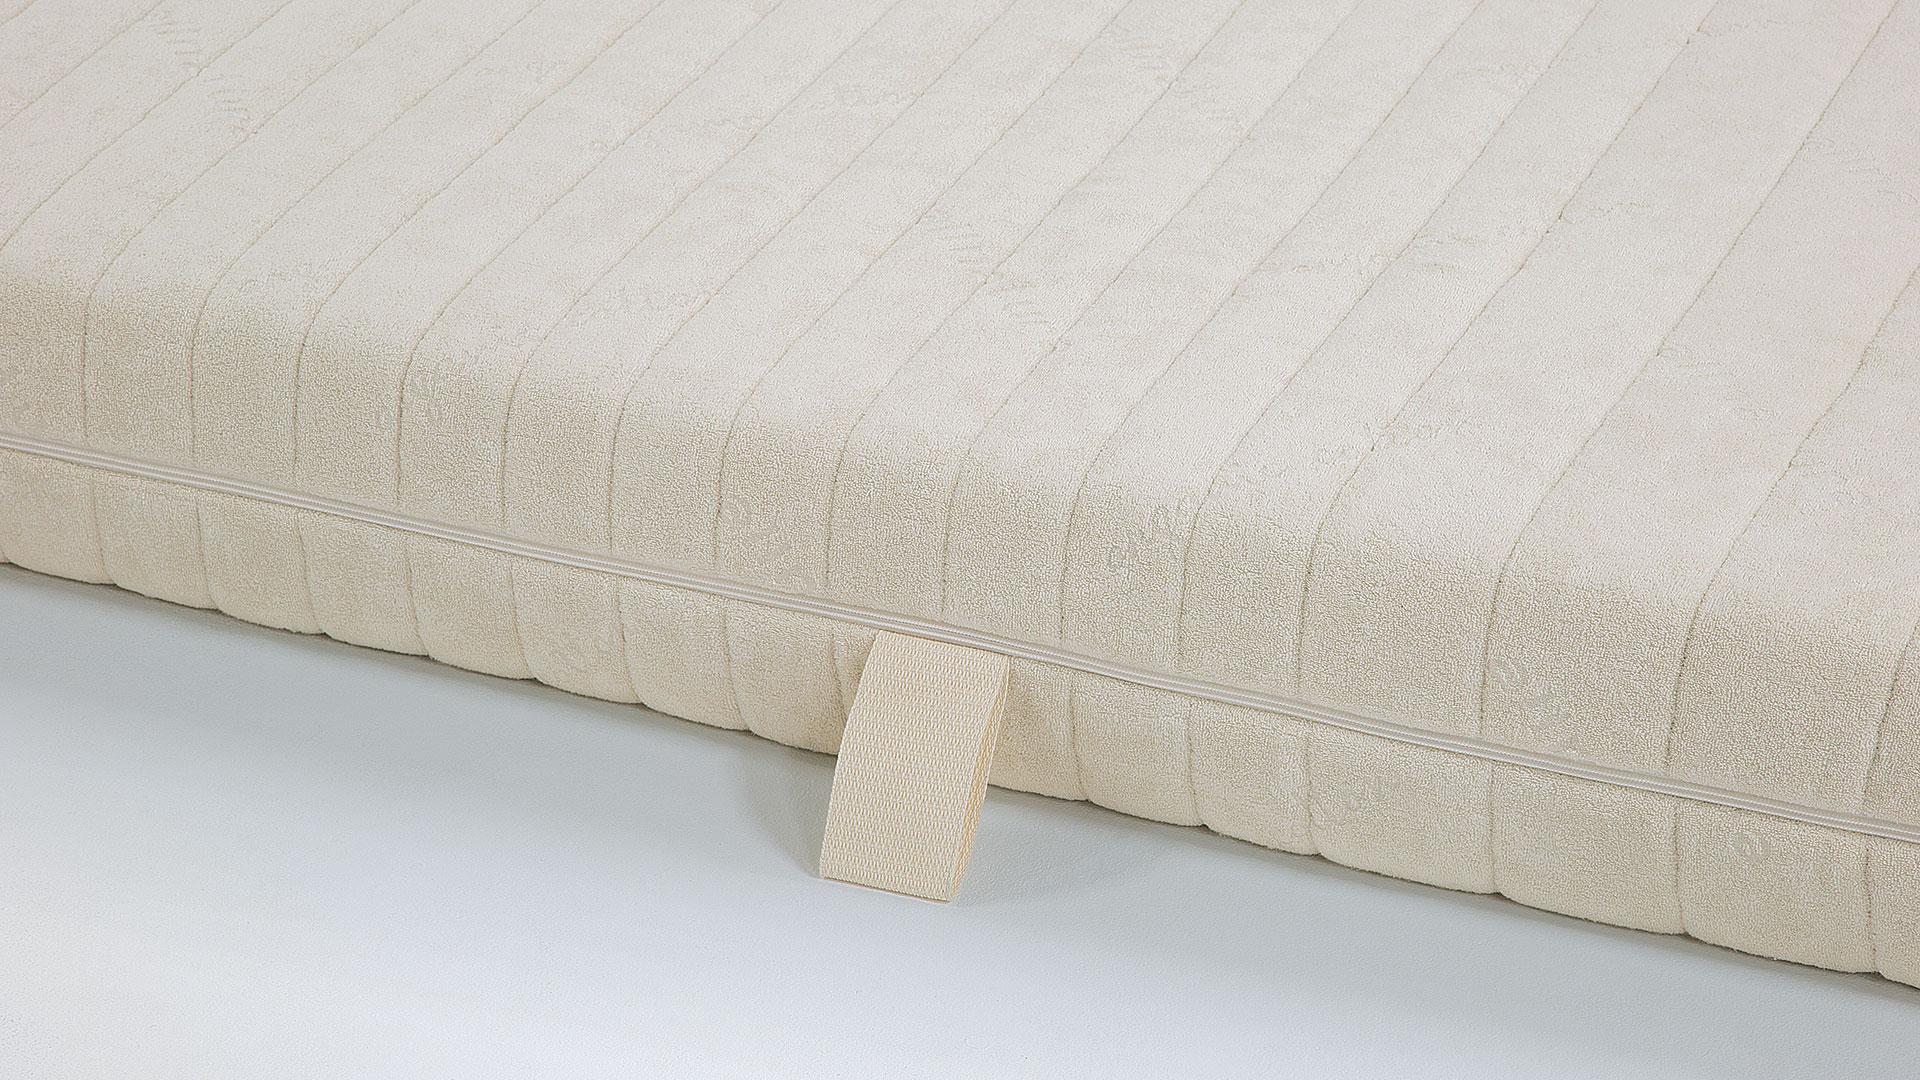 Matratze Reinigen Hausmittel Tipps: Reinigt